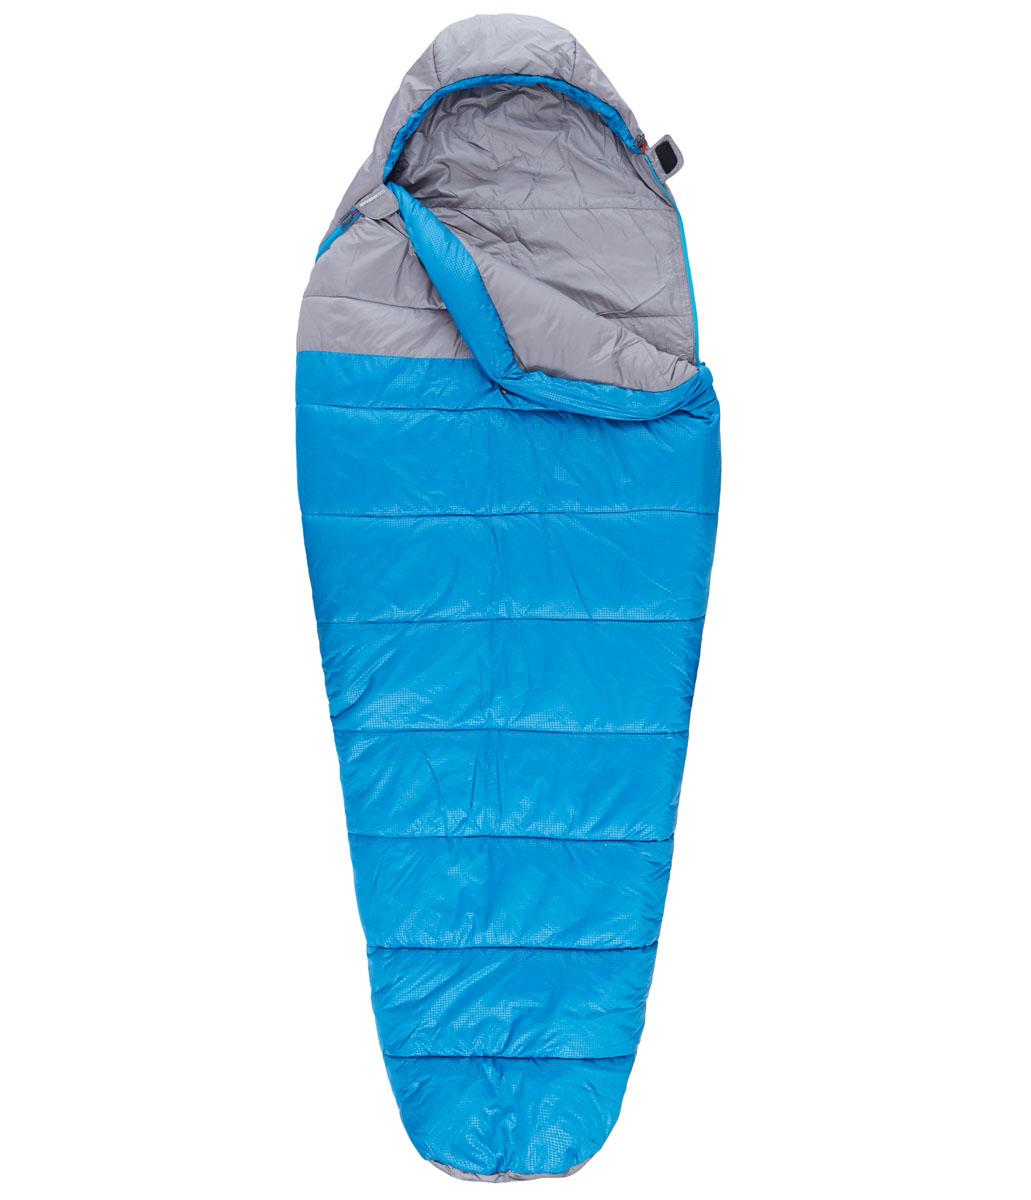 Спальный мешок The North Face Aleutian 20/-7, цвет: синий. T0A3A0M8RRH REGa026124Cпальный мешок для путешествий, который можно целиком расстегнуть и расстелить в палатке. Вместительный, универсальный, теплый и комфортный.